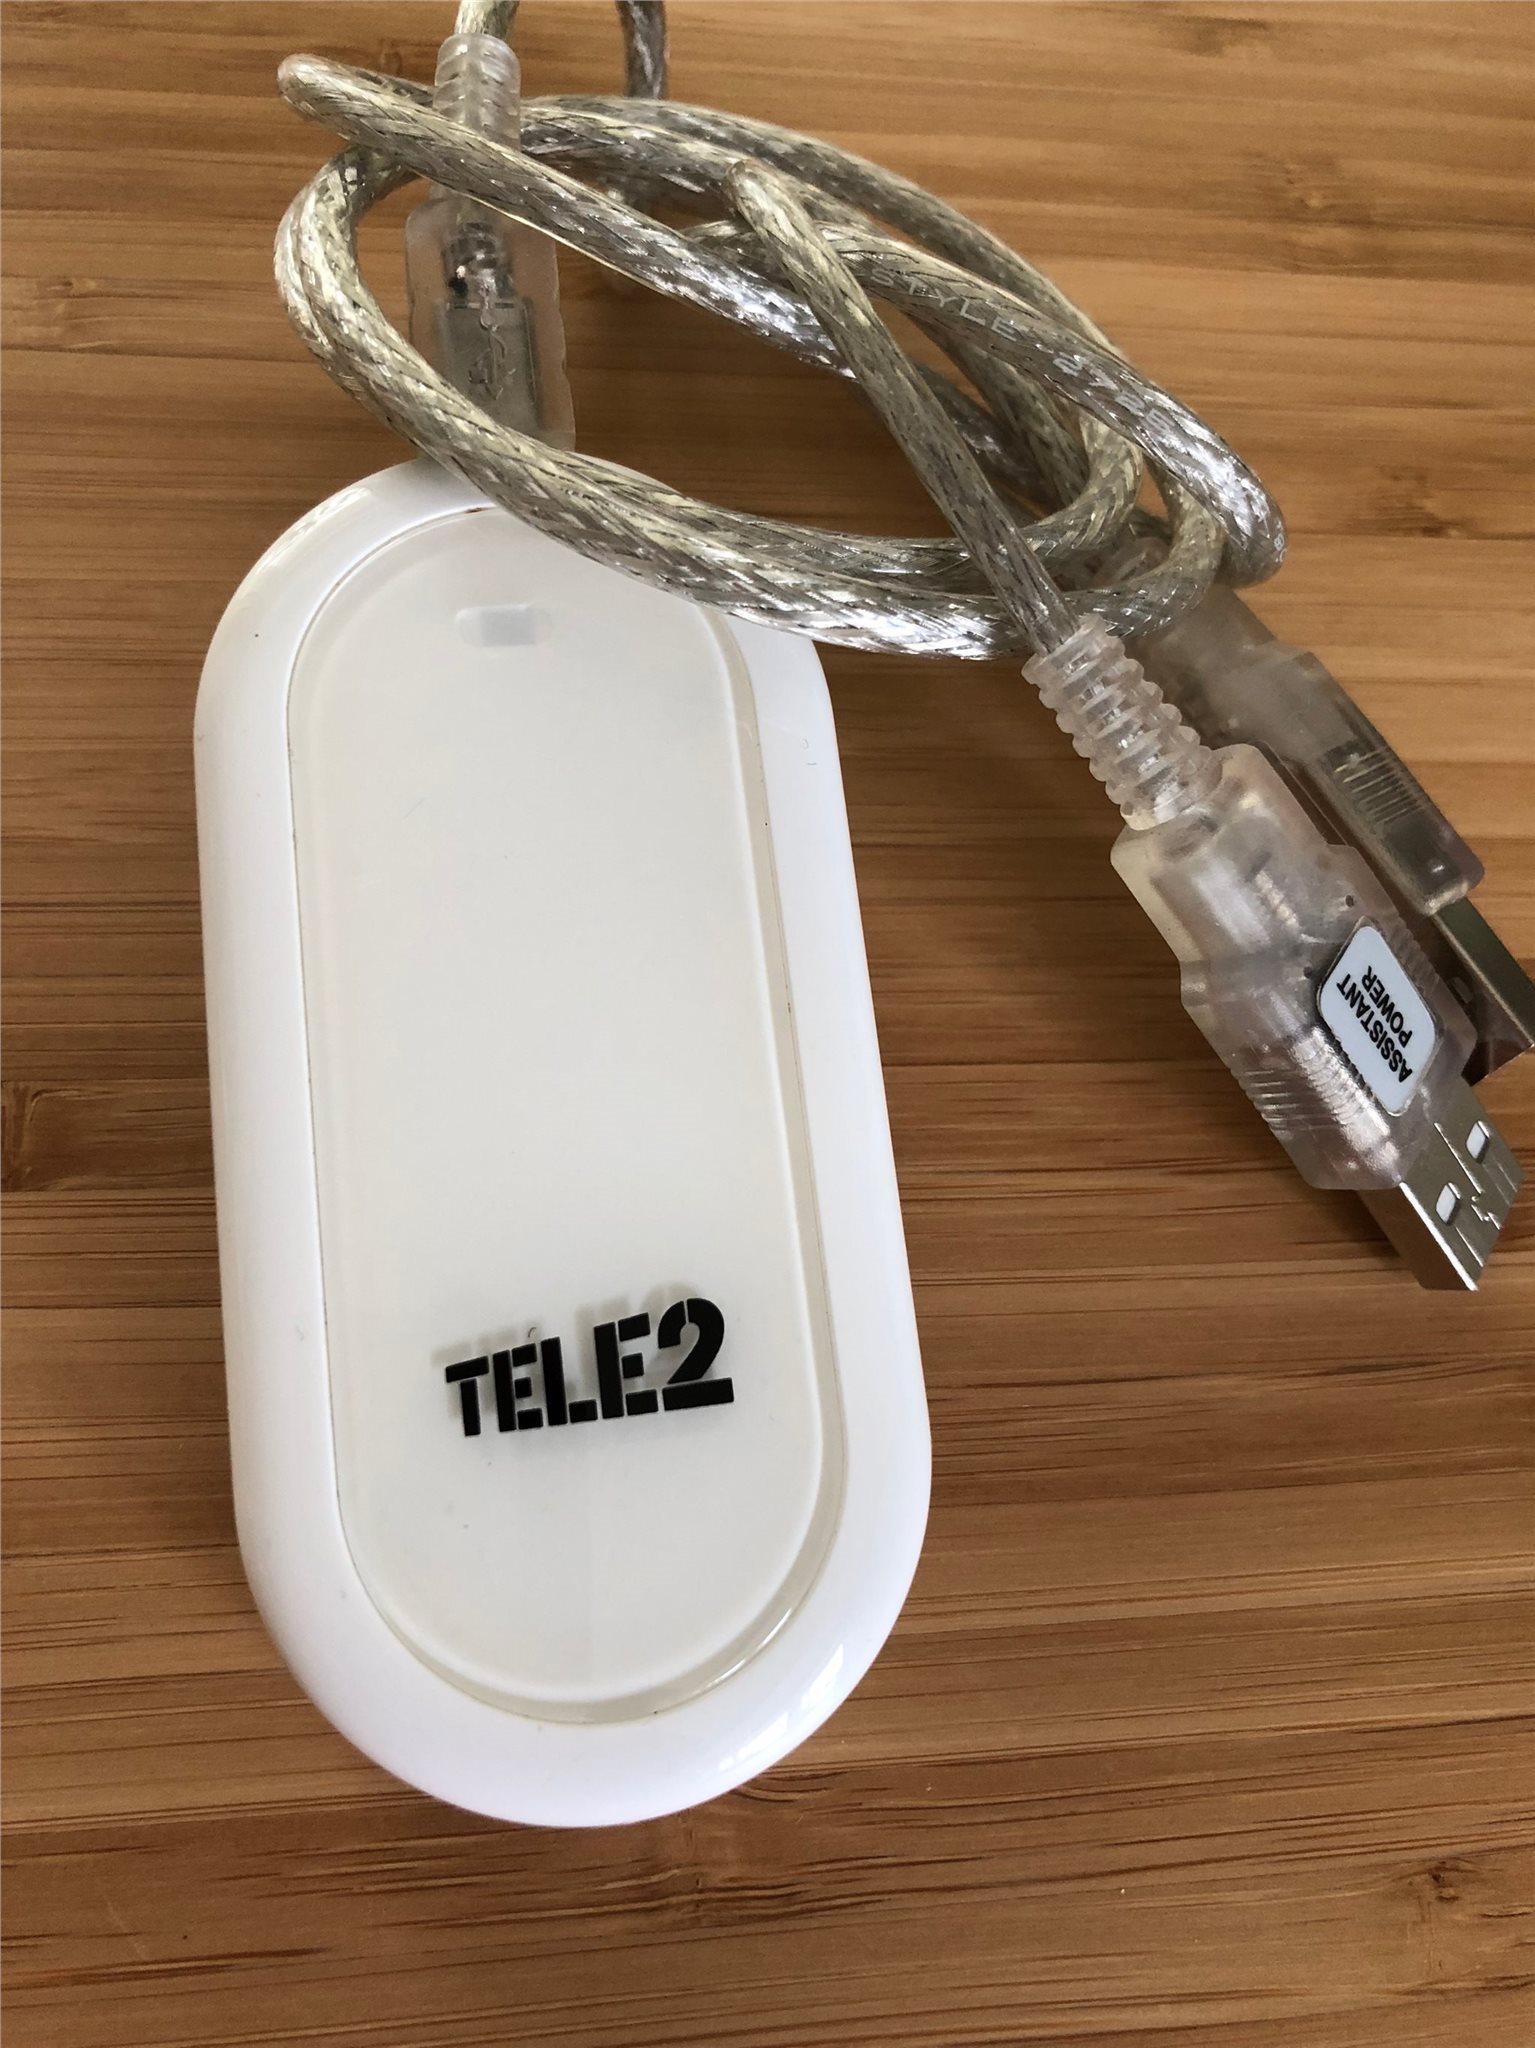 tele2 comviq mobilt bredband